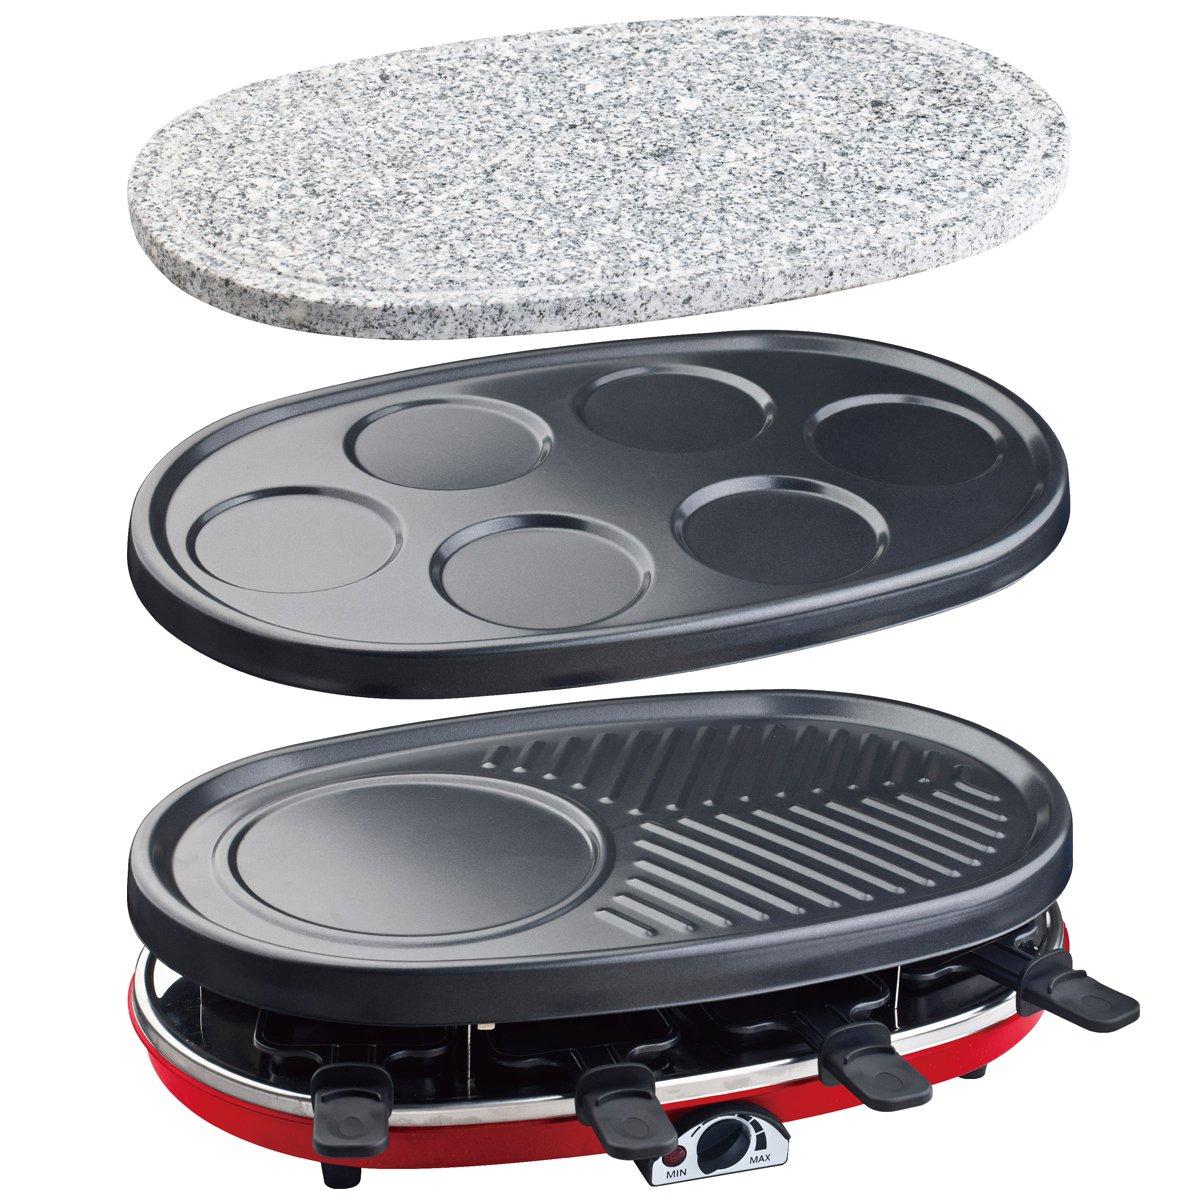 Parrillas planchas raclettes y piedras de asar for Amazon planchas de cocina